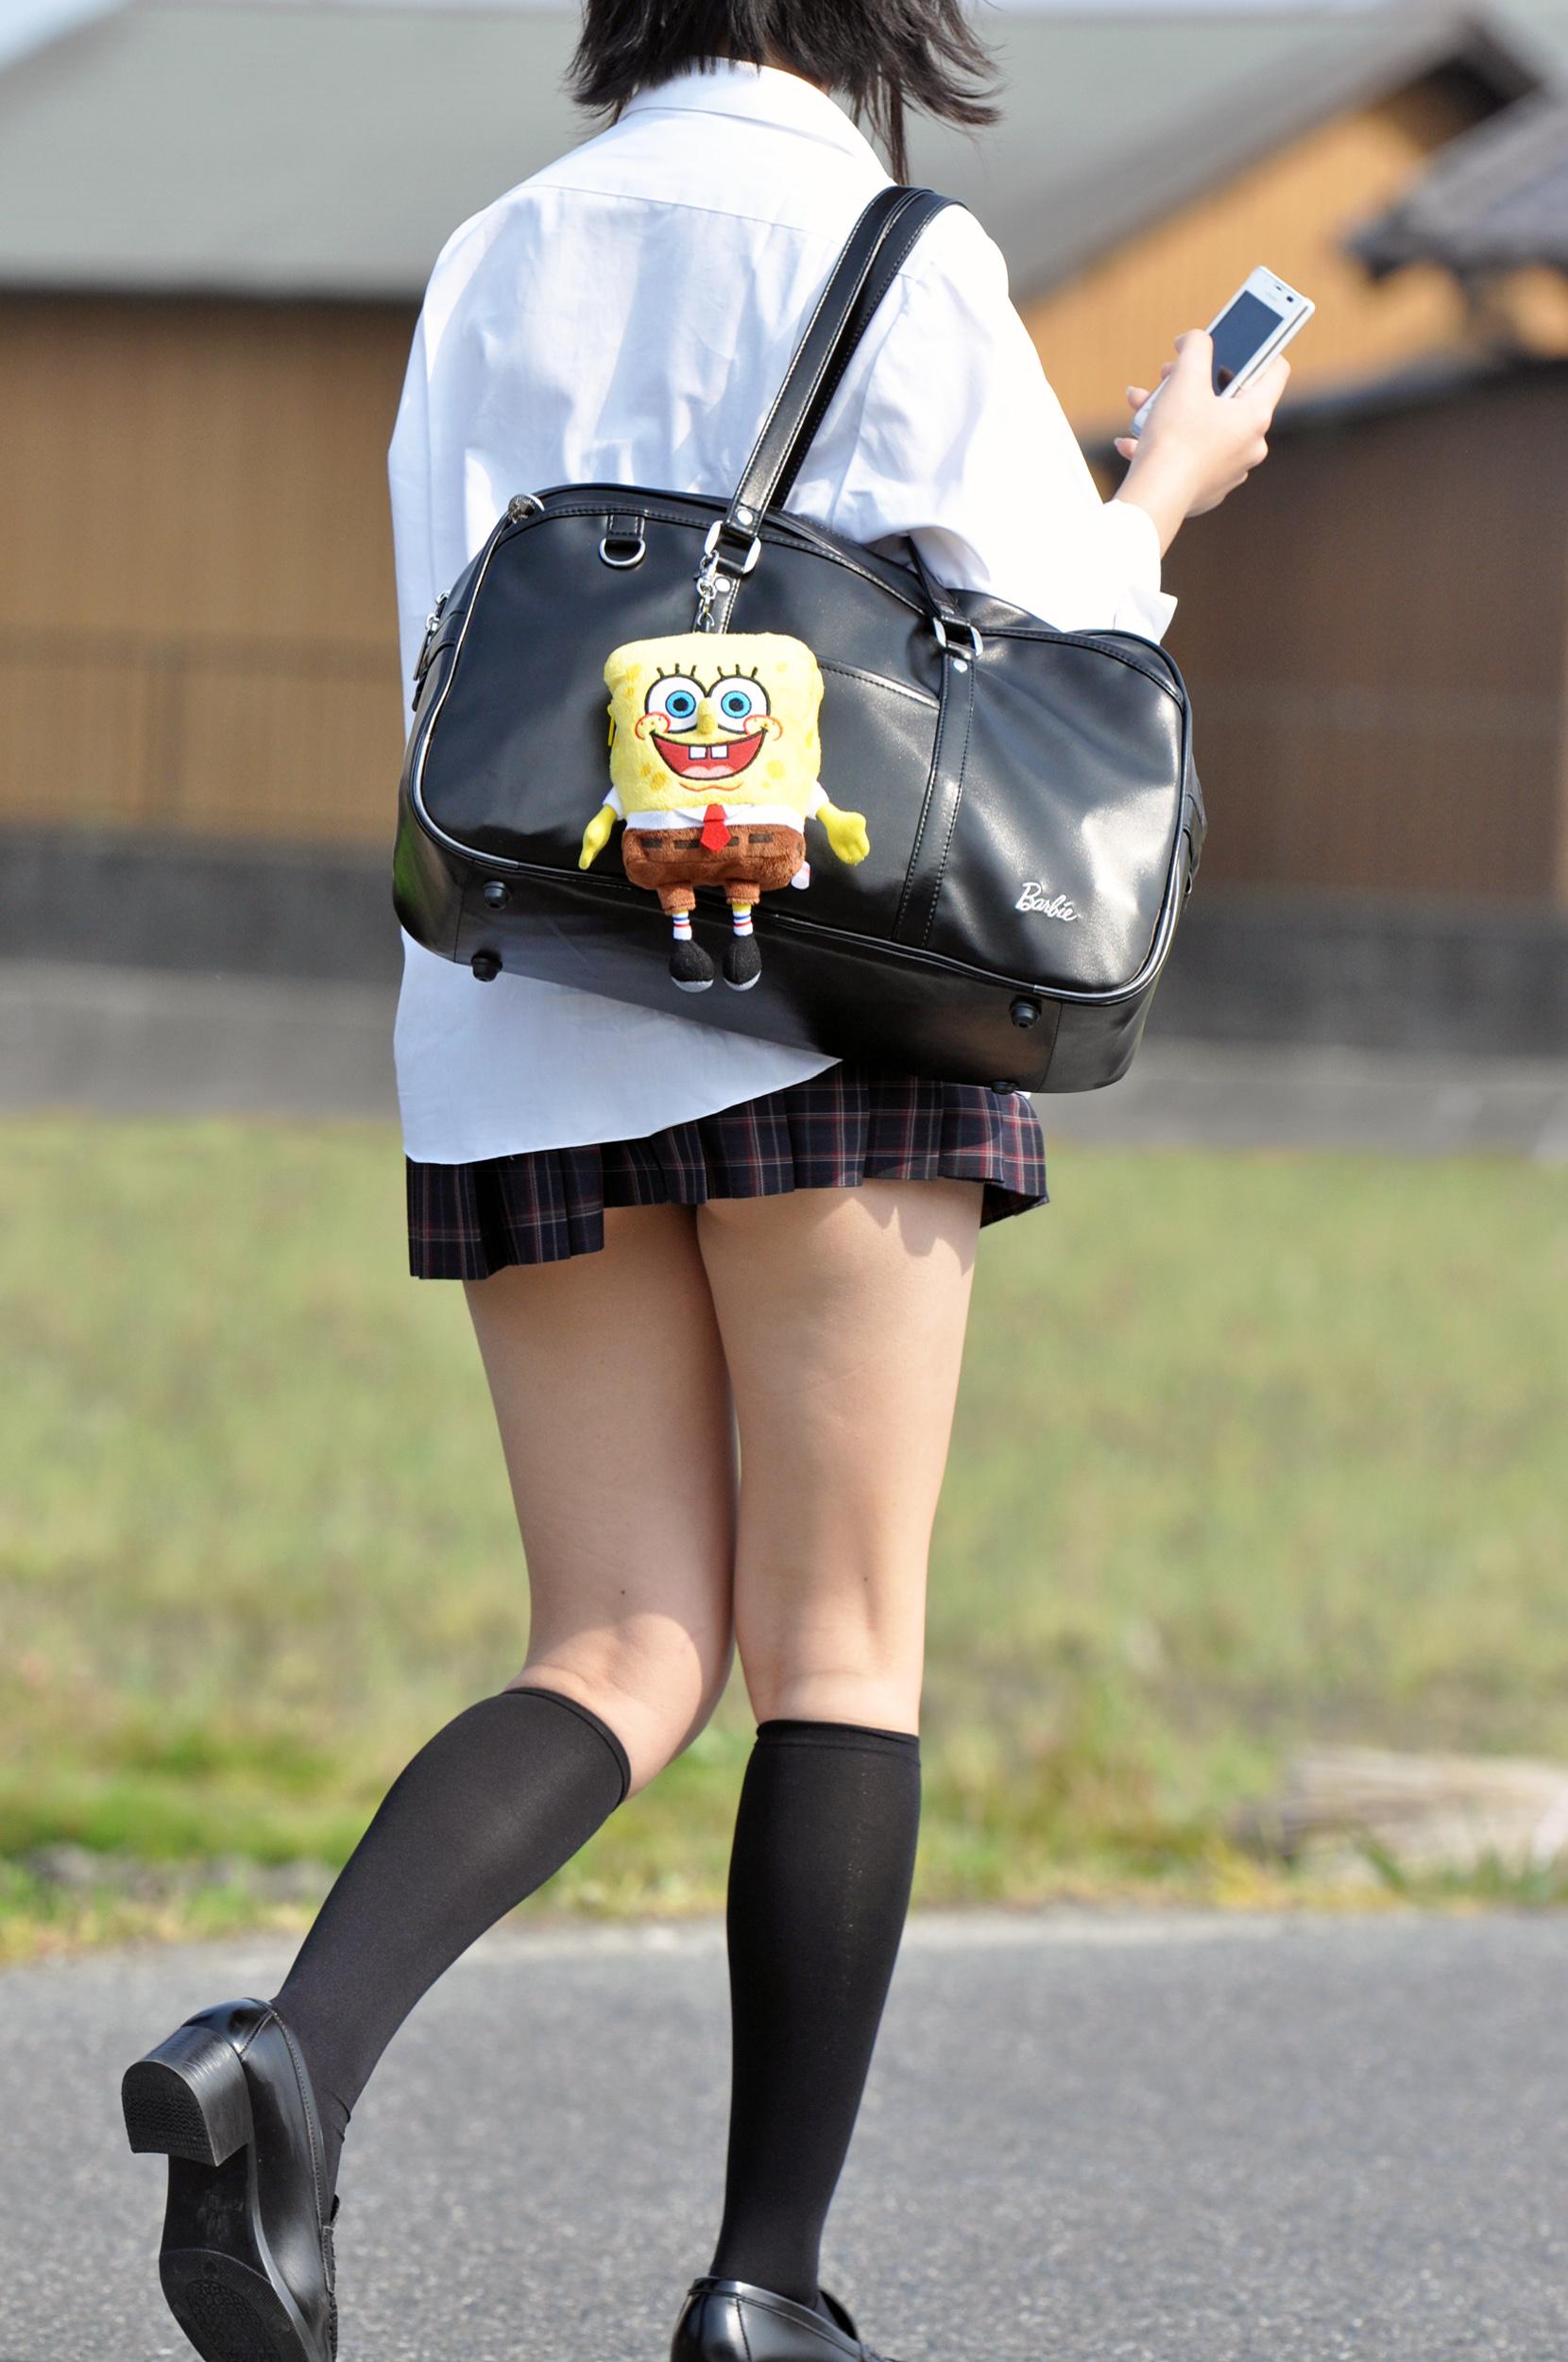 【ミニスカJK画像】最近のJKスカート短すぎワロタwwなのに全く見えないからクソワロタwww 14